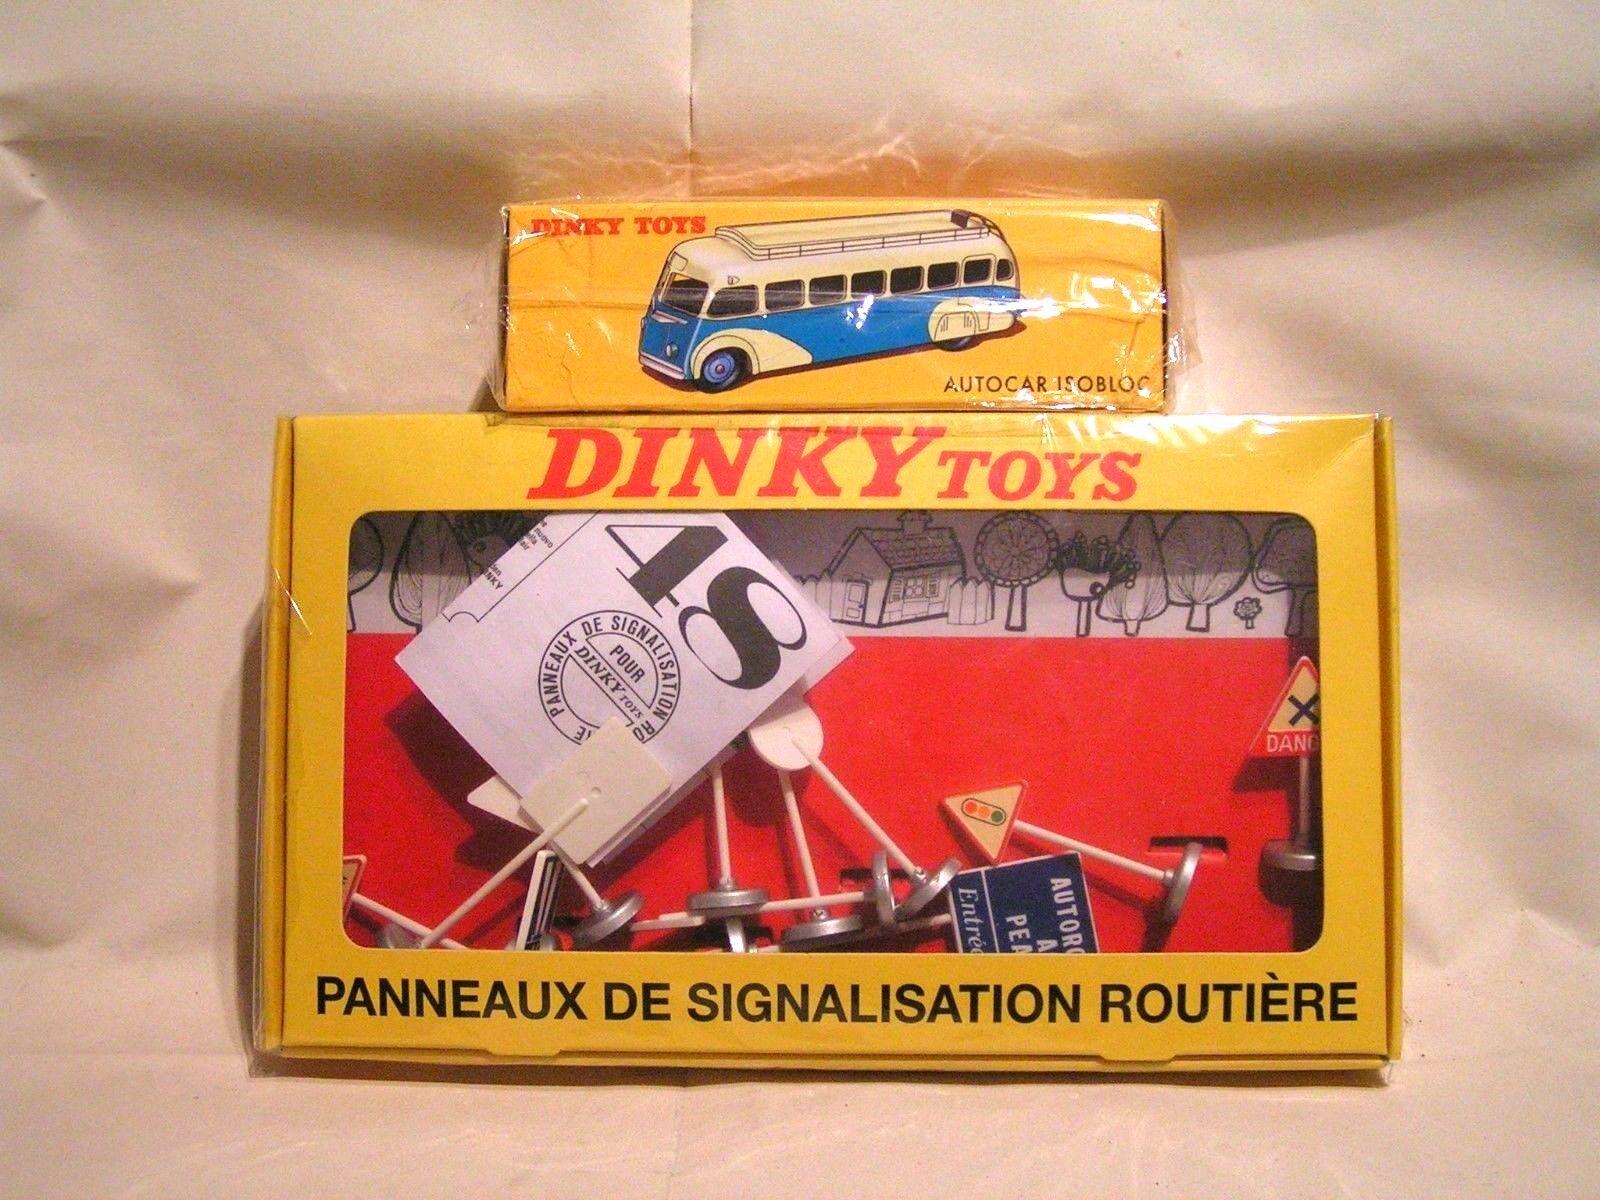 DINKY TOYS   NOREV 1 43  -  LOT 1  =  CAR ISOBLOC ET UN JEU DE PANNEAUX ROUTIERS